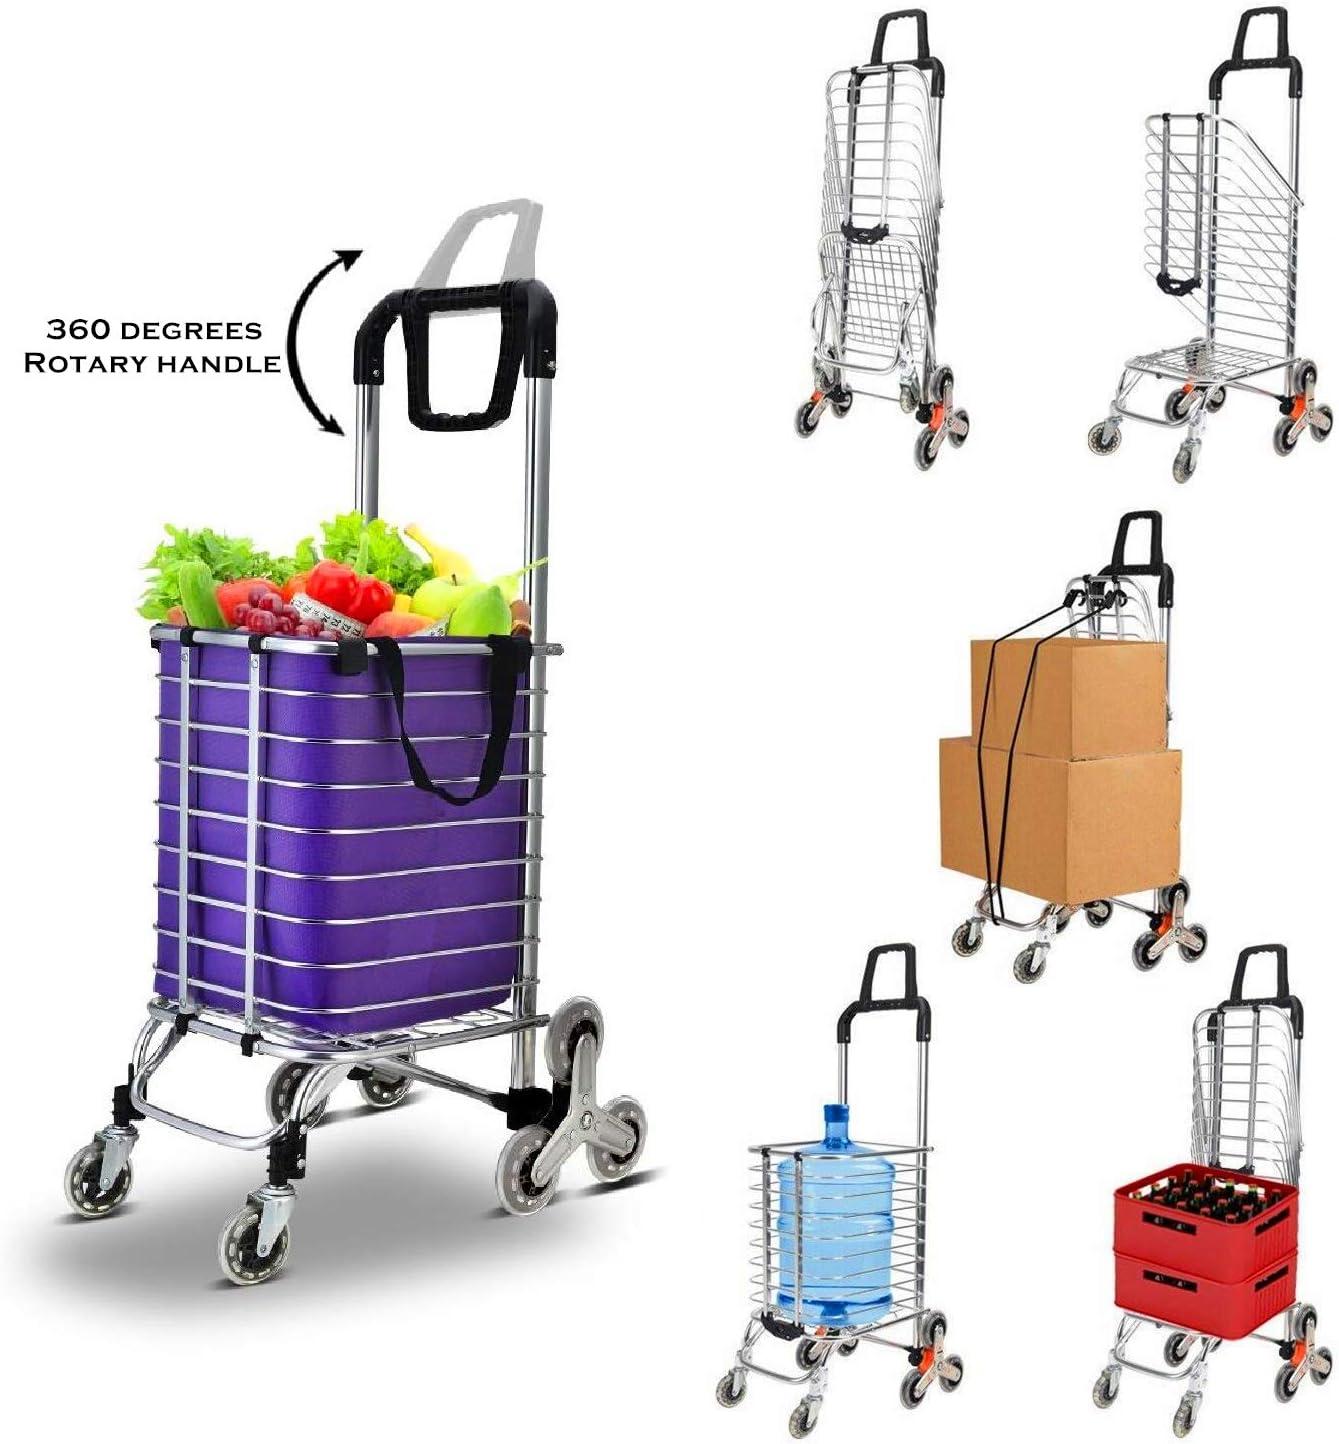 FLM Carrito de Aluminio Plegable Resistente - Carrito de la Compra Plegable para Subir Escaleras con 8 Ruedas con Bolsa Desmontable,Capacidad de Carga de 80 kg